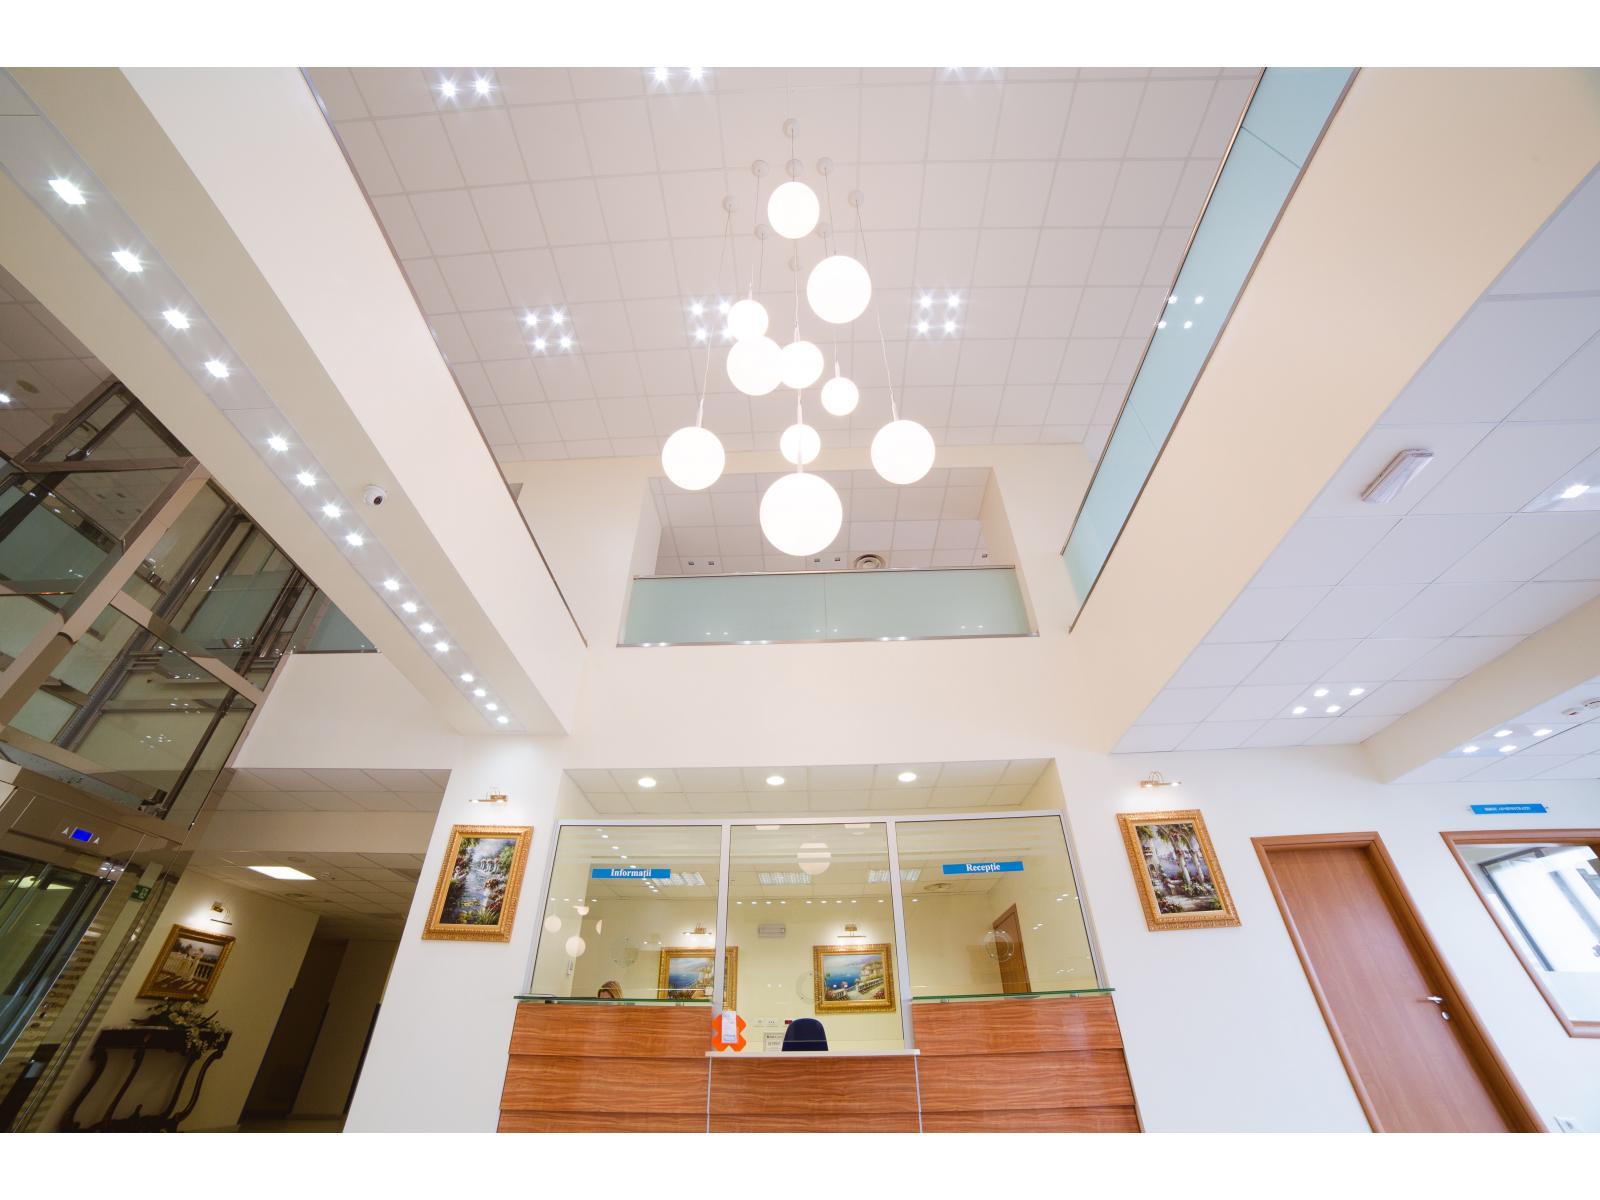 Spitalul Monza - Spital_Monza_-_print_(2).jpg